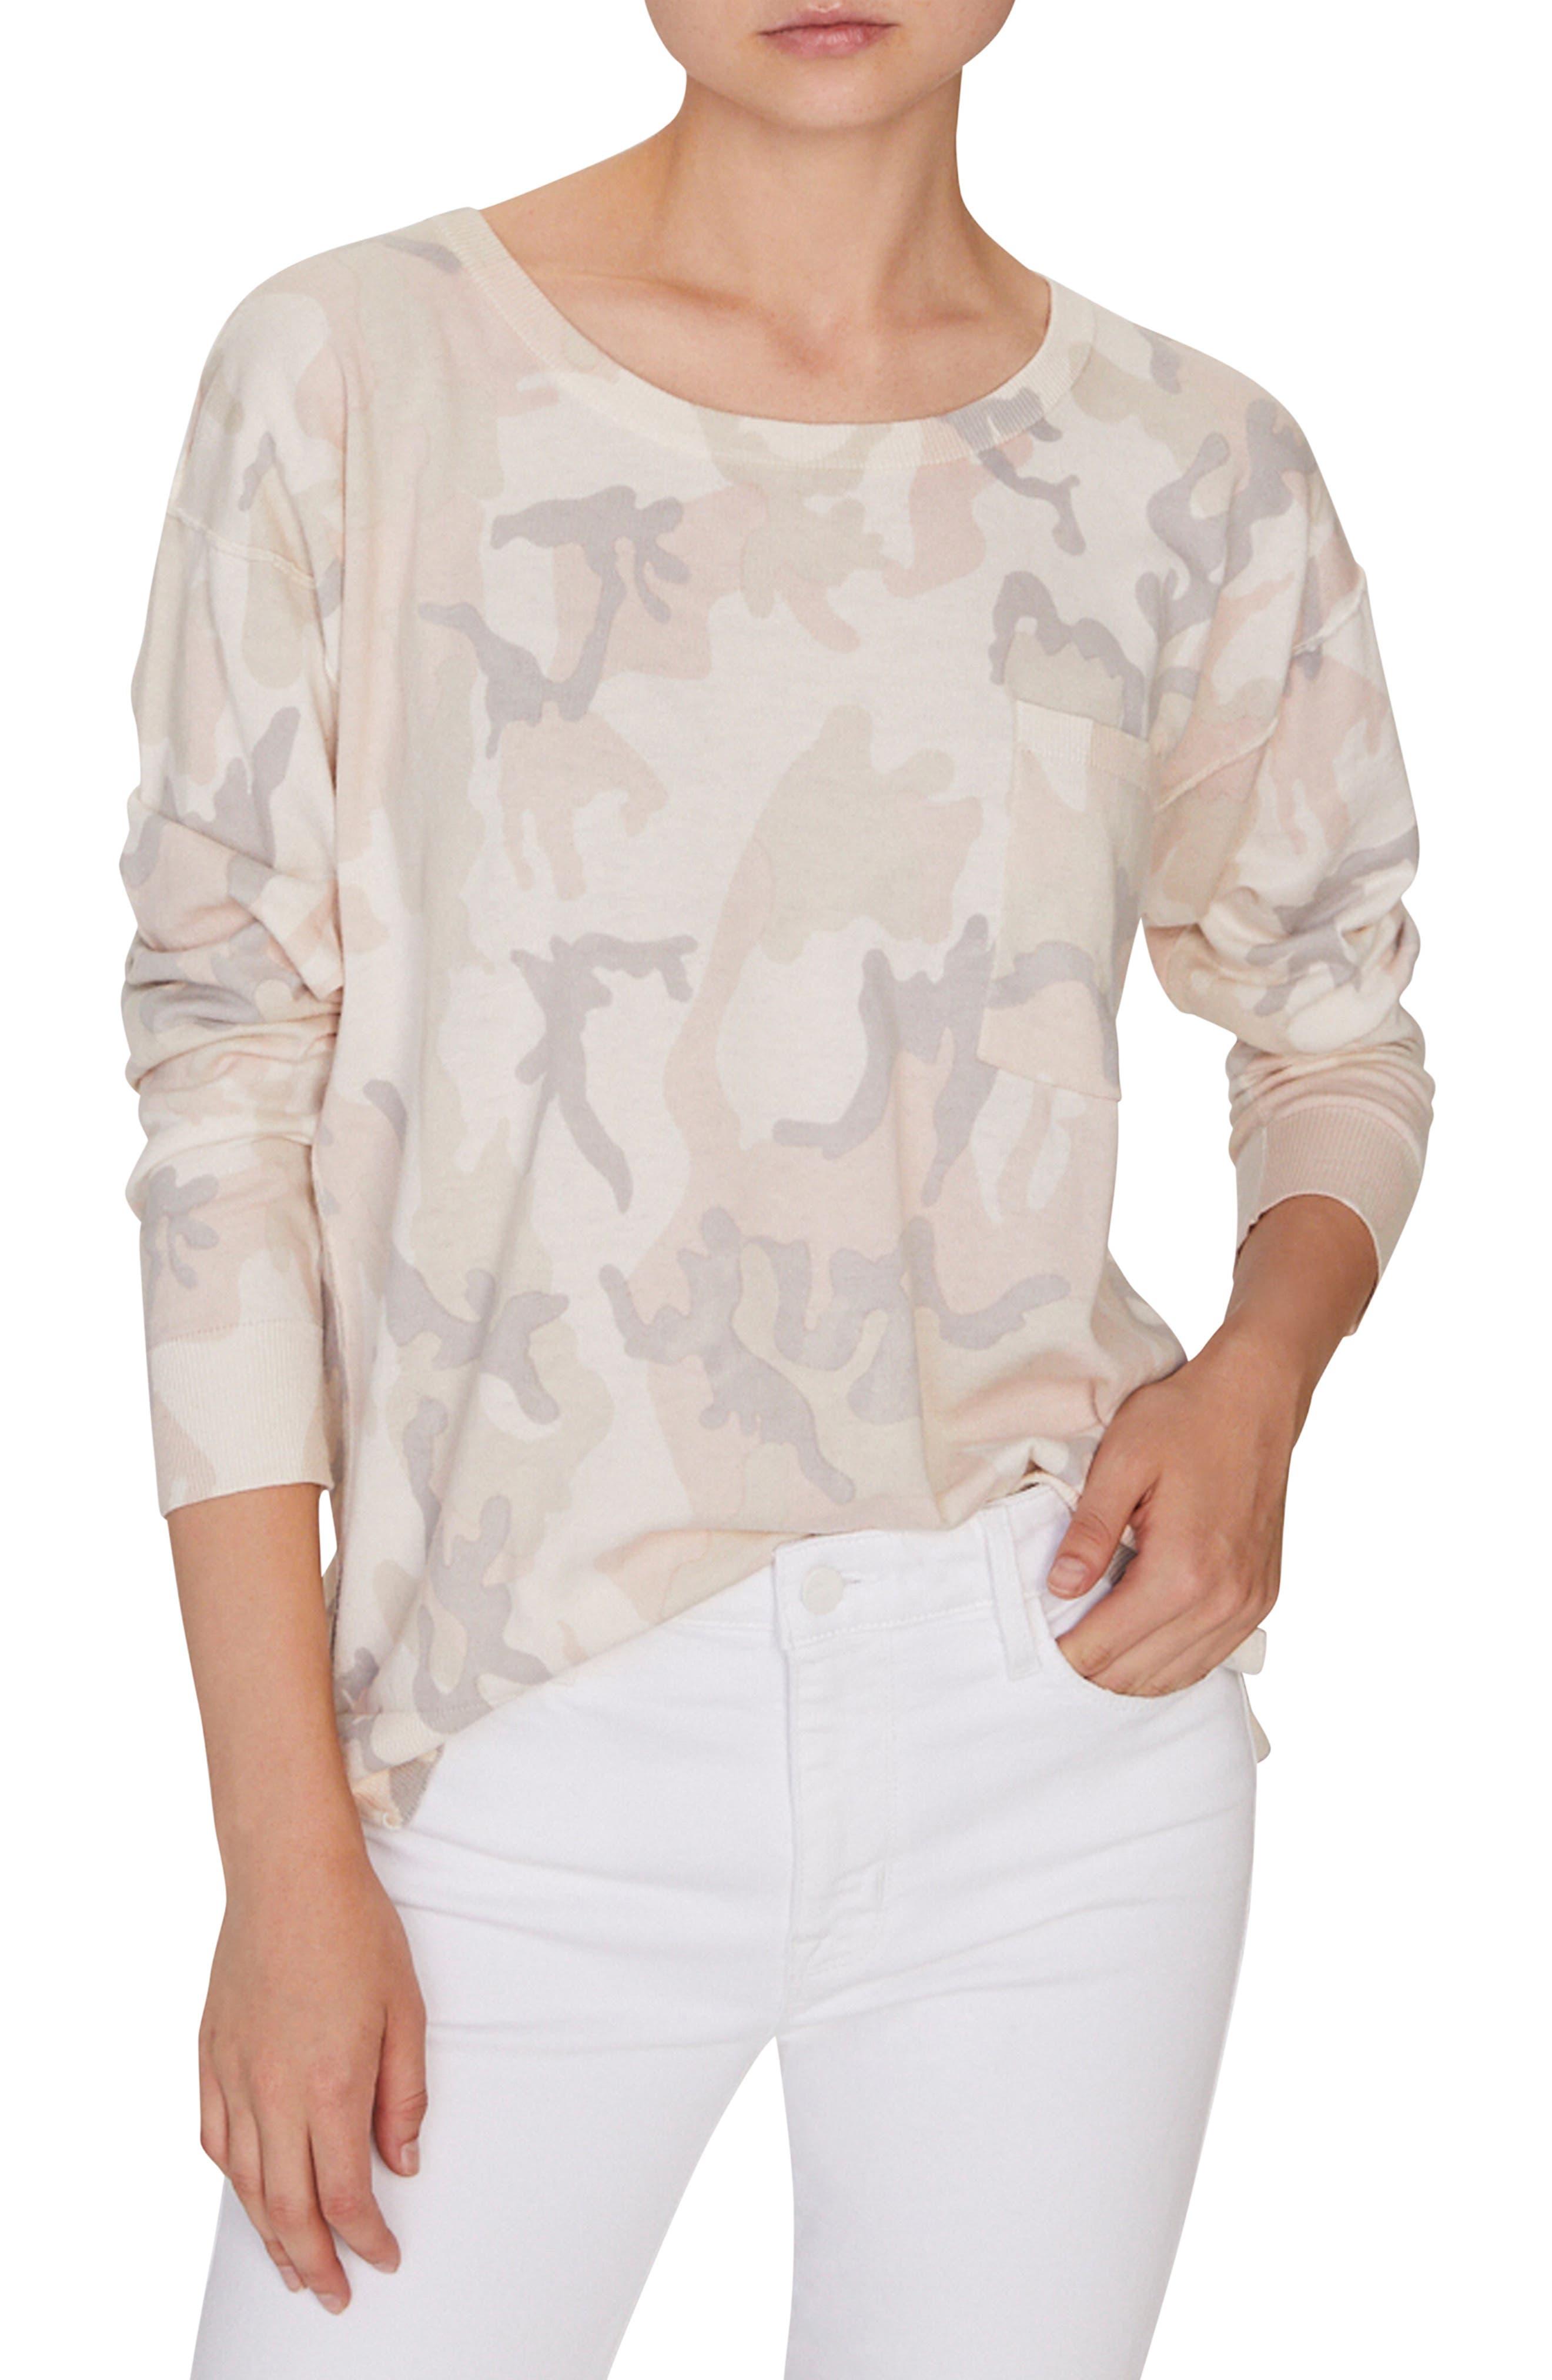 SANCTUARY Pale Camo Cotton Blend Sweater, Main, color, CHARM CAMO